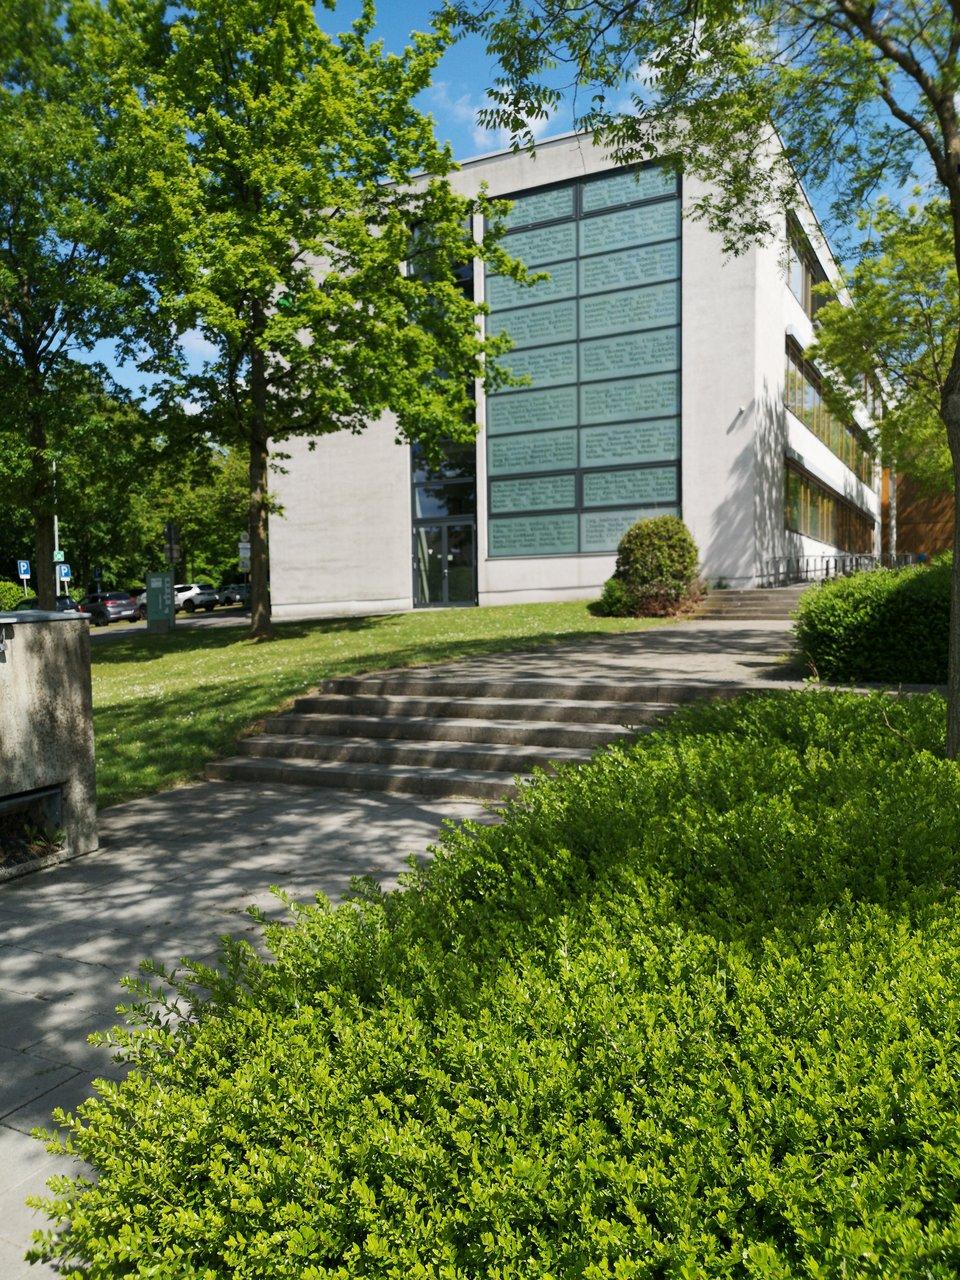 Campus Gebäude im Grünen.